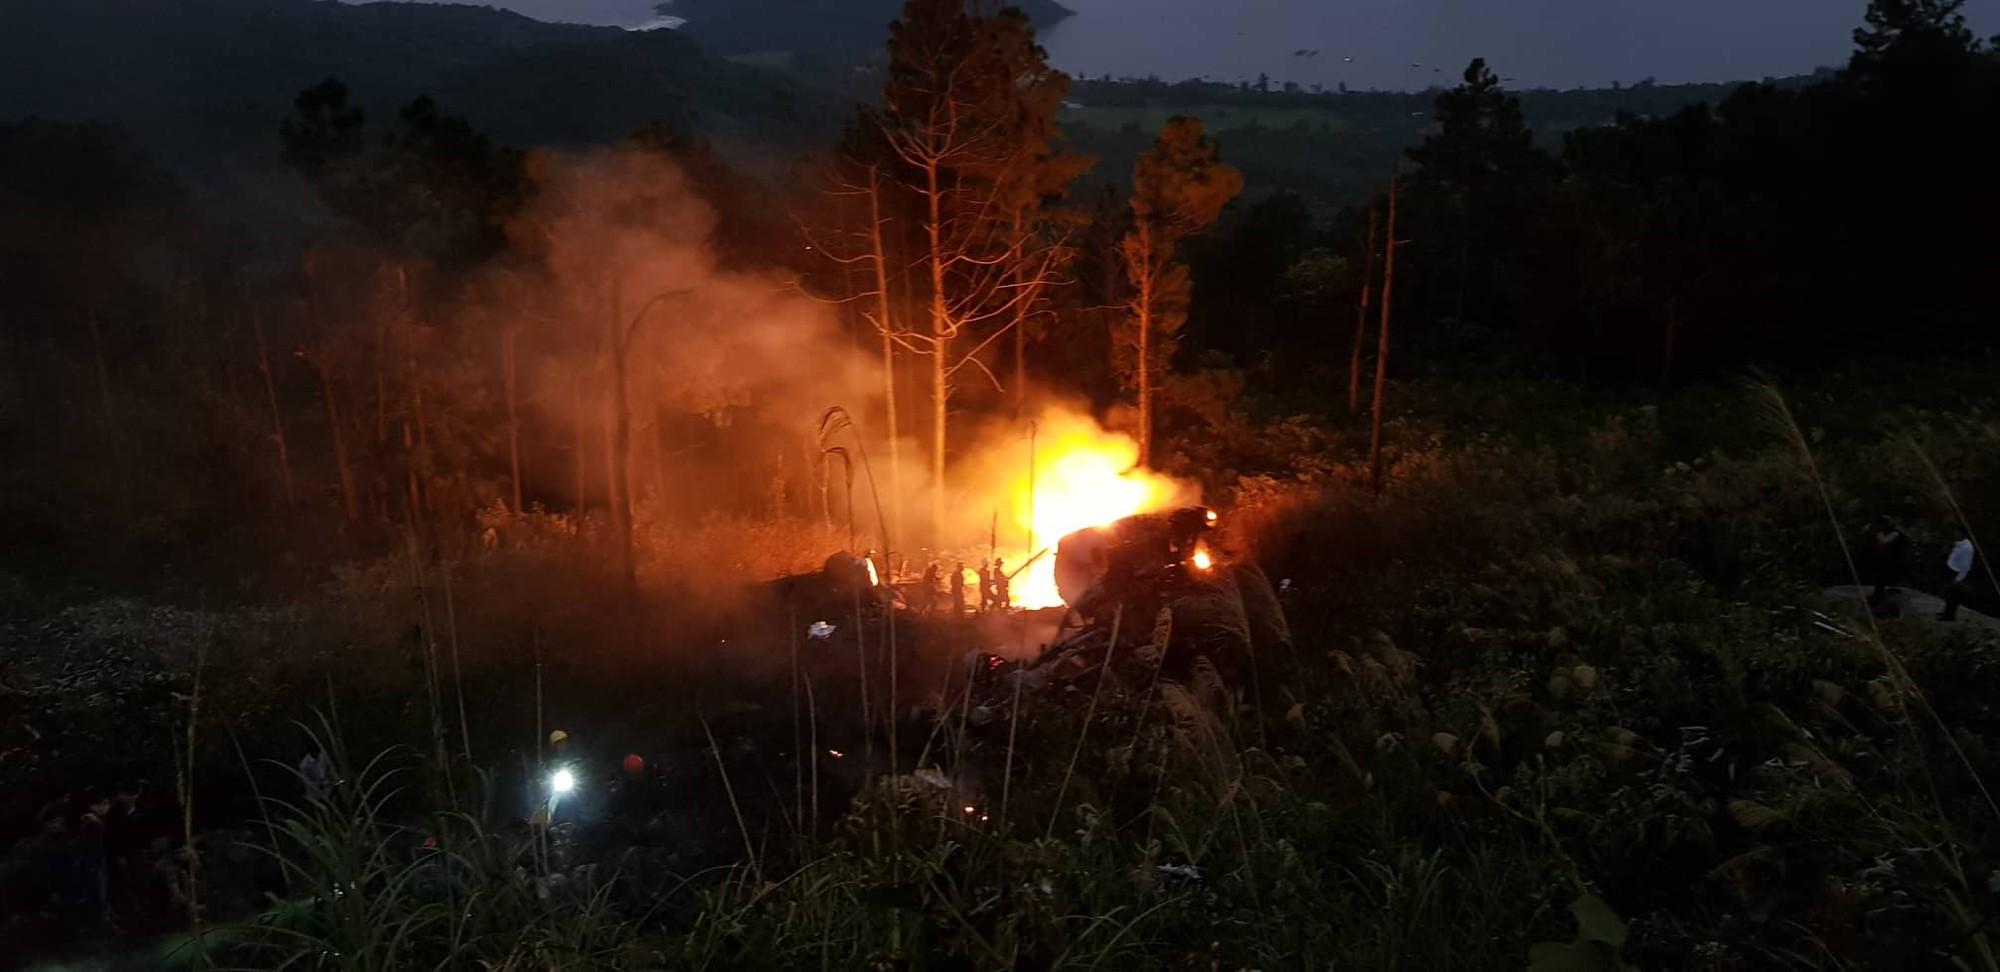 Nóng: Xe bồn chở xăng mất phanh lao xuống đèo Hải Vân bốc cháy dữ dội, nam tài xế tử nạn - Ảnh 3.